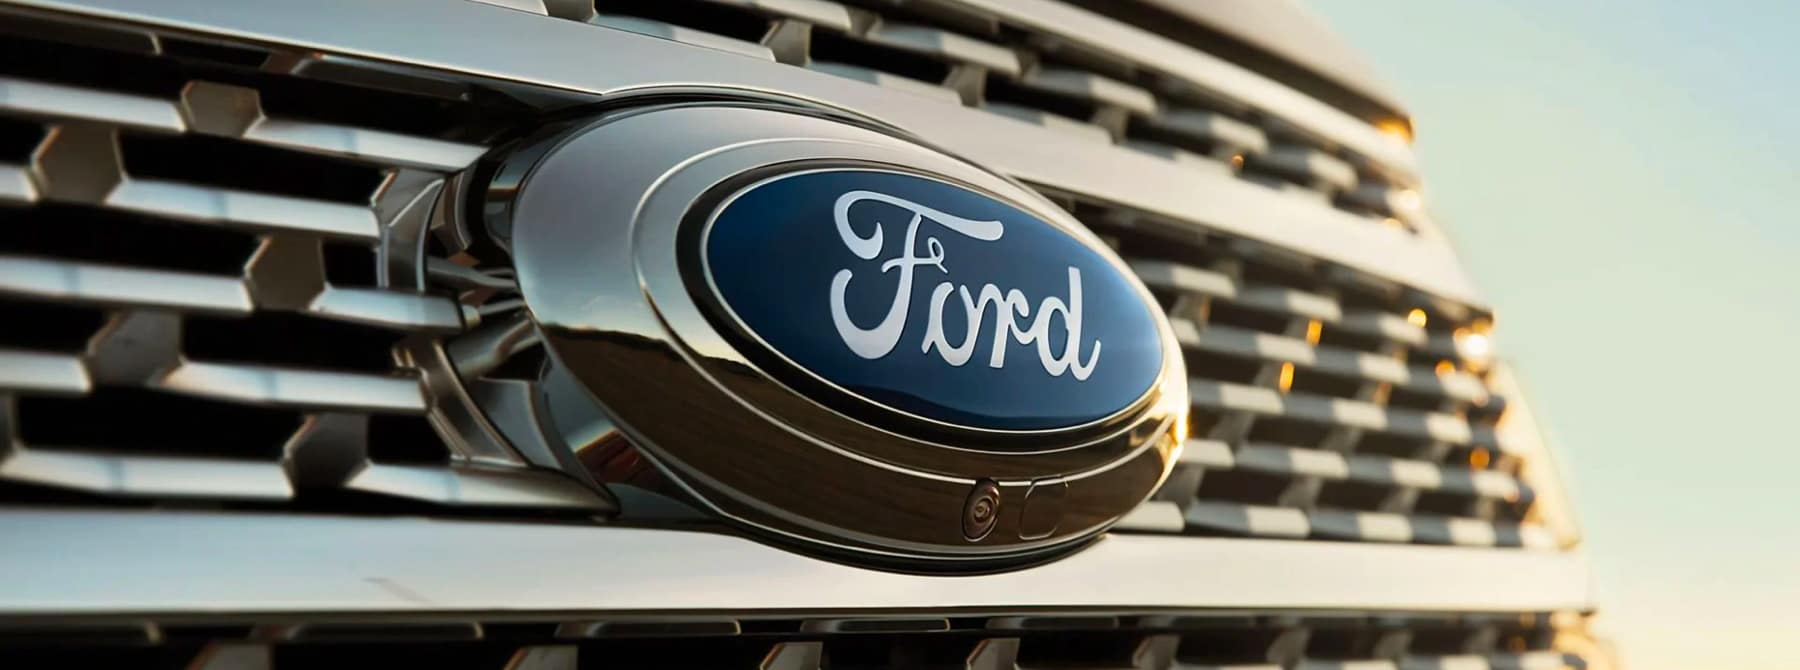 Murdock Ford, Inc.